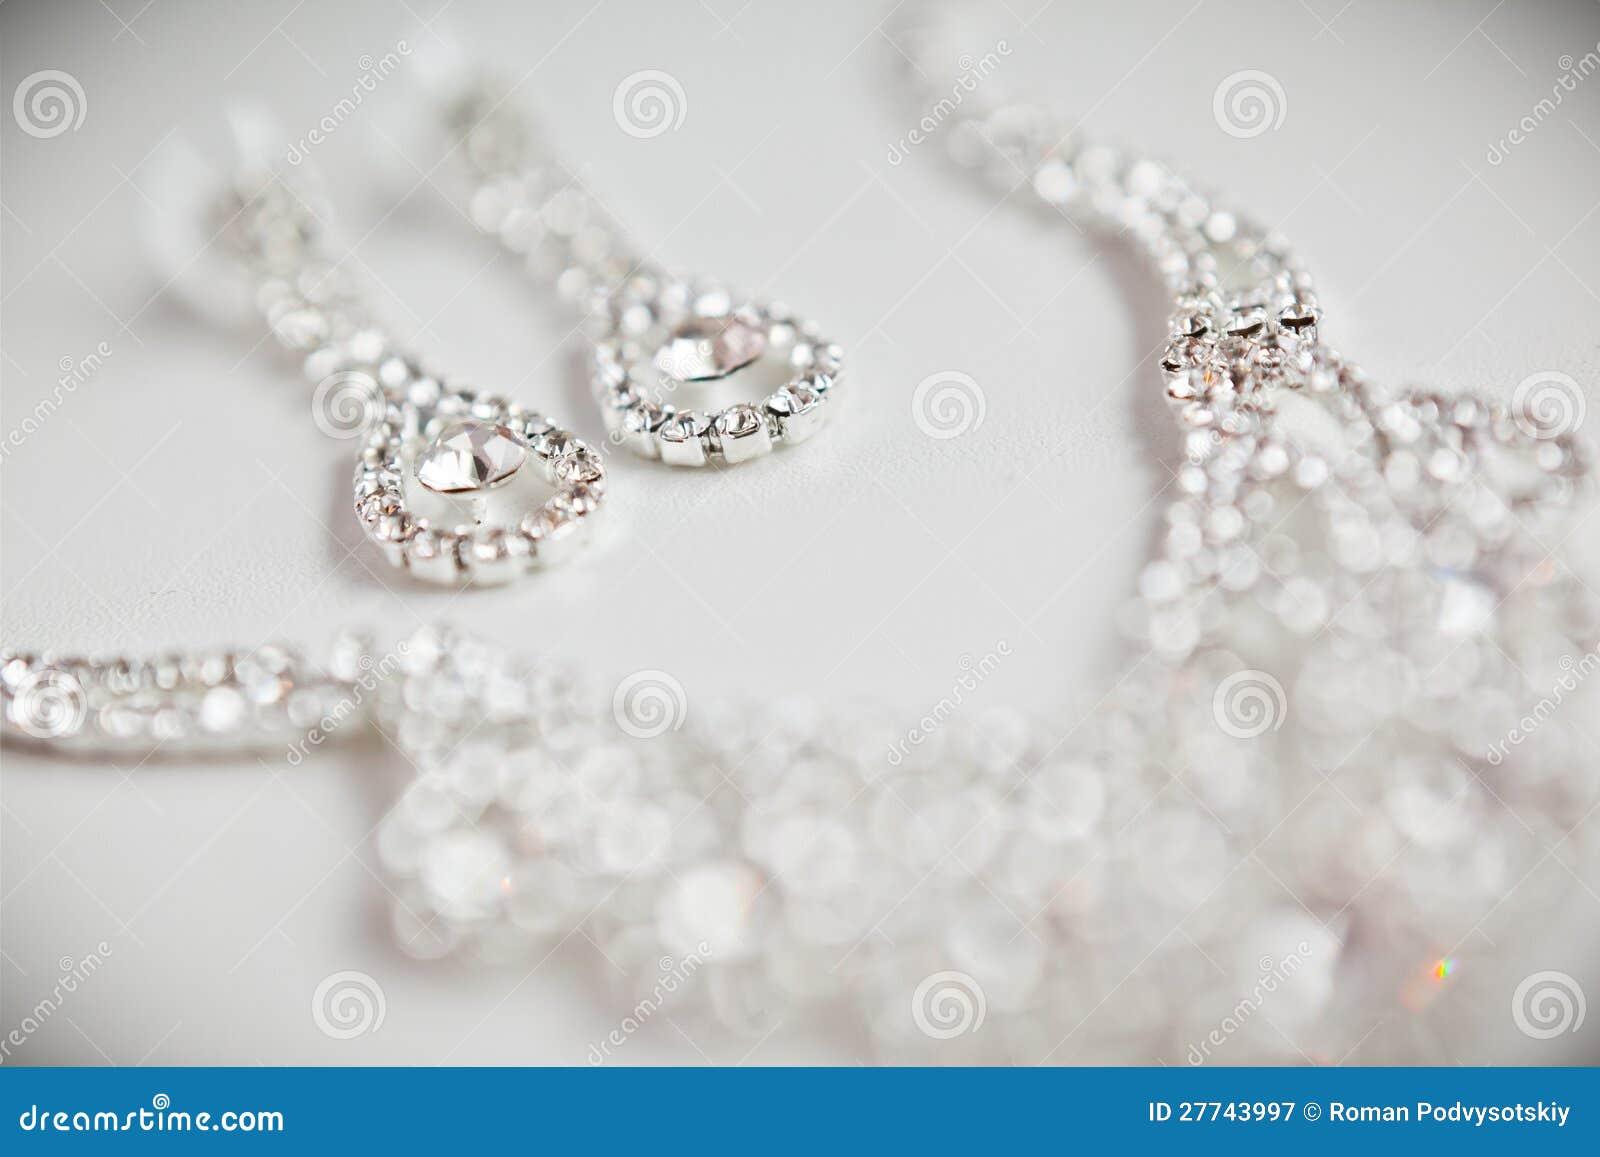 De mooie versiering van het huwelijk stock afbeelding afbeelding 27743997 - Versiering van de zaal van het tienermeisje van ...